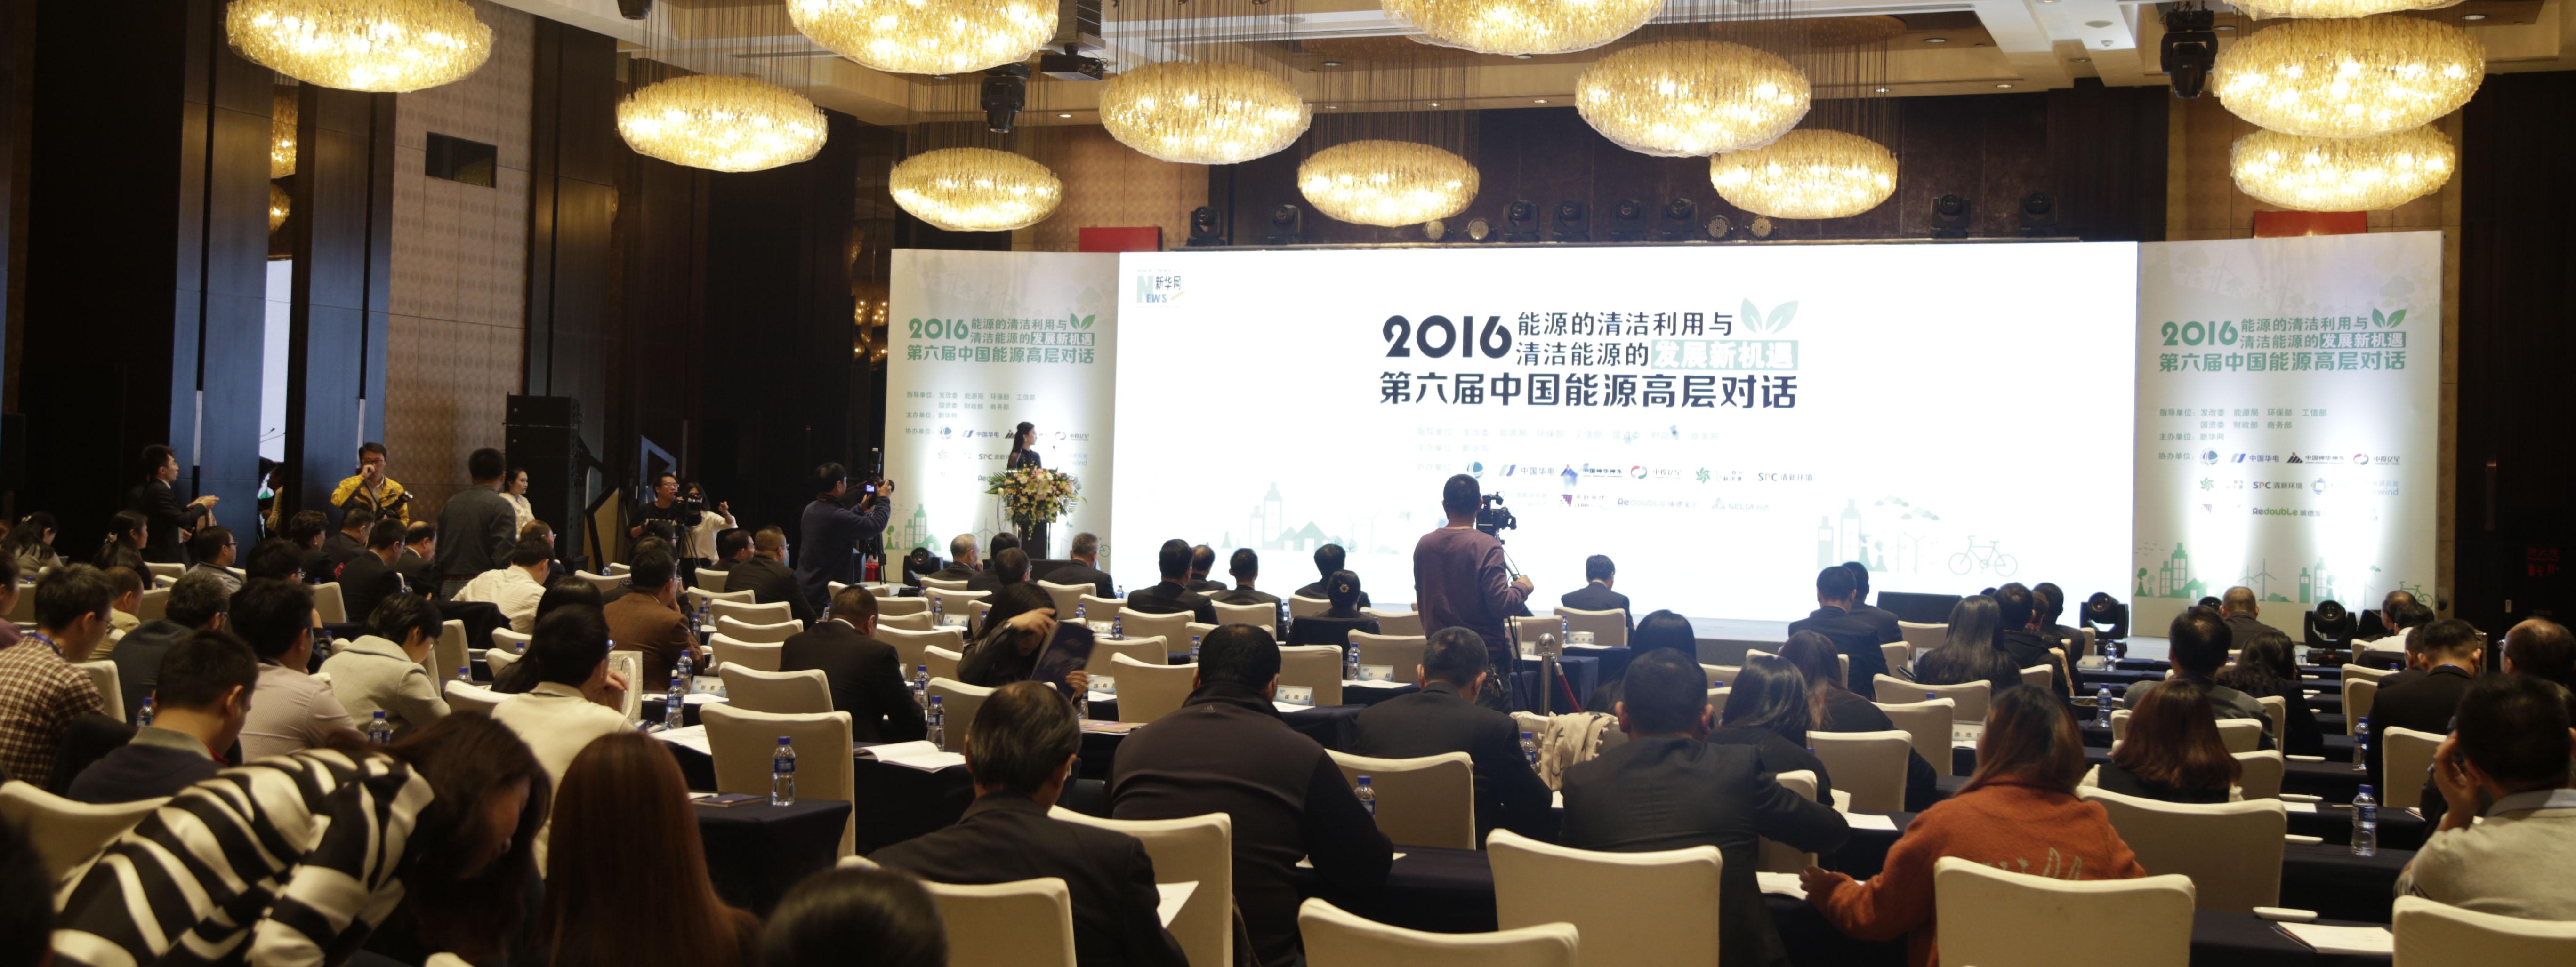 2016中國能源高層對話